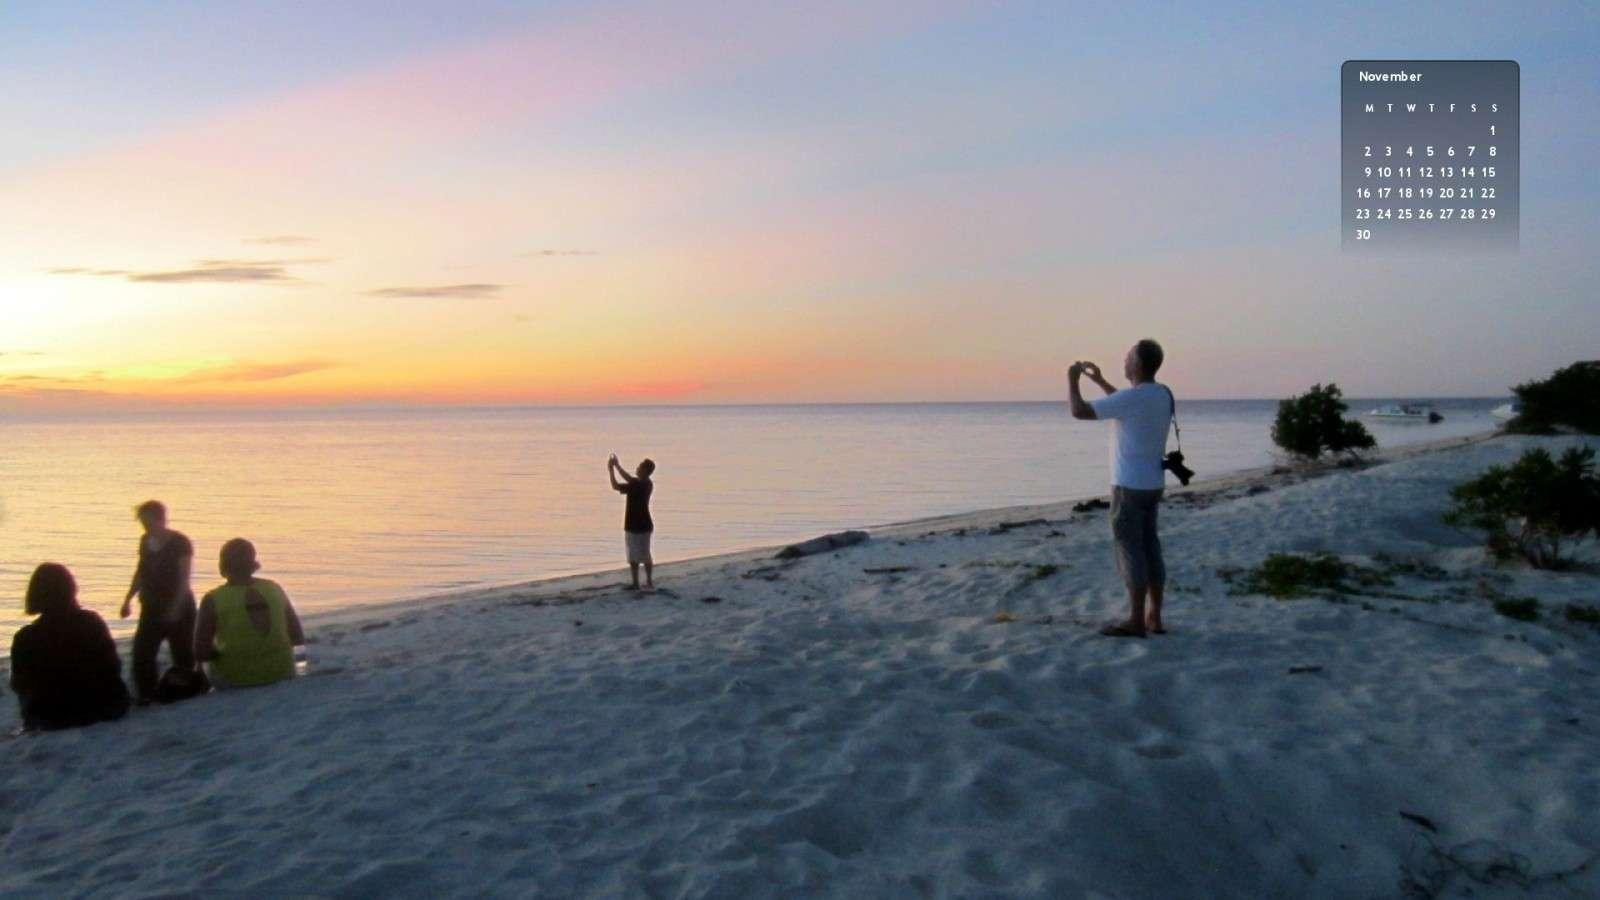 Marraskuun kuva – Turtle Island